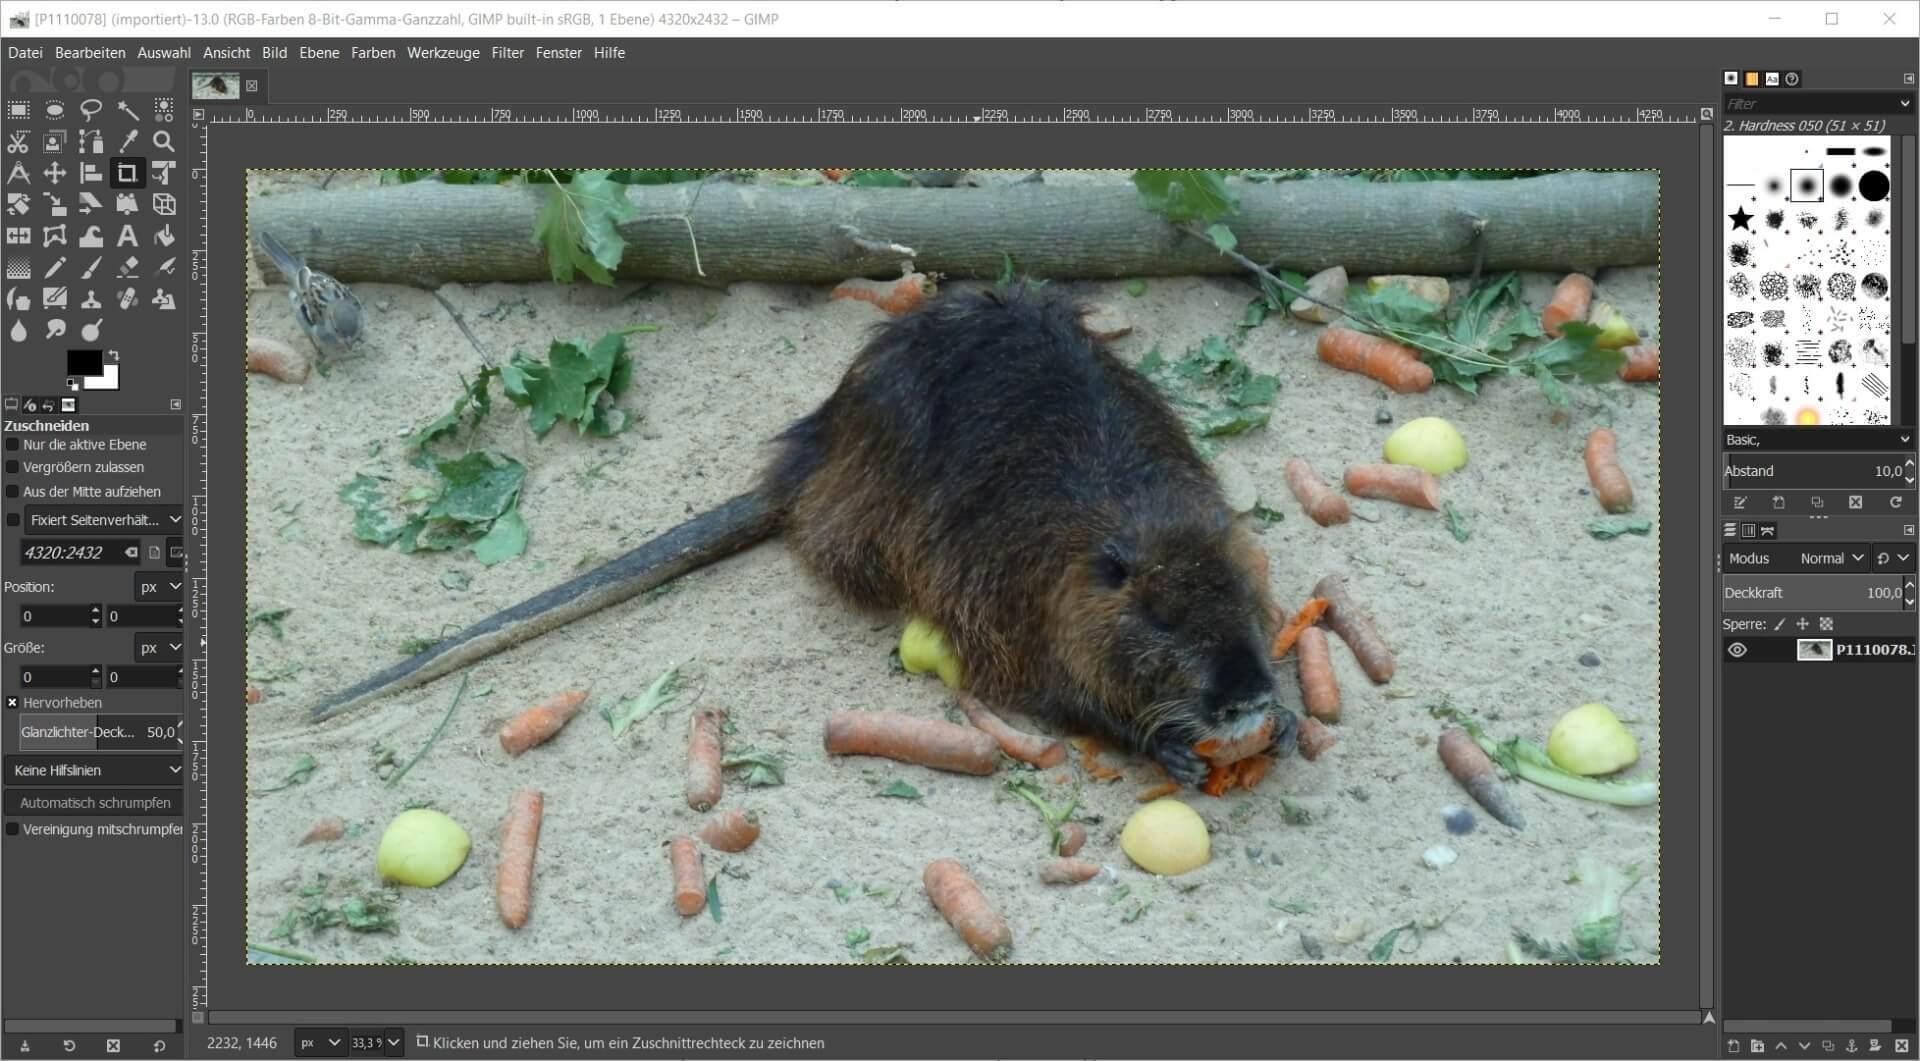 photoshop bildbearbeitungsprogramm kostenlos